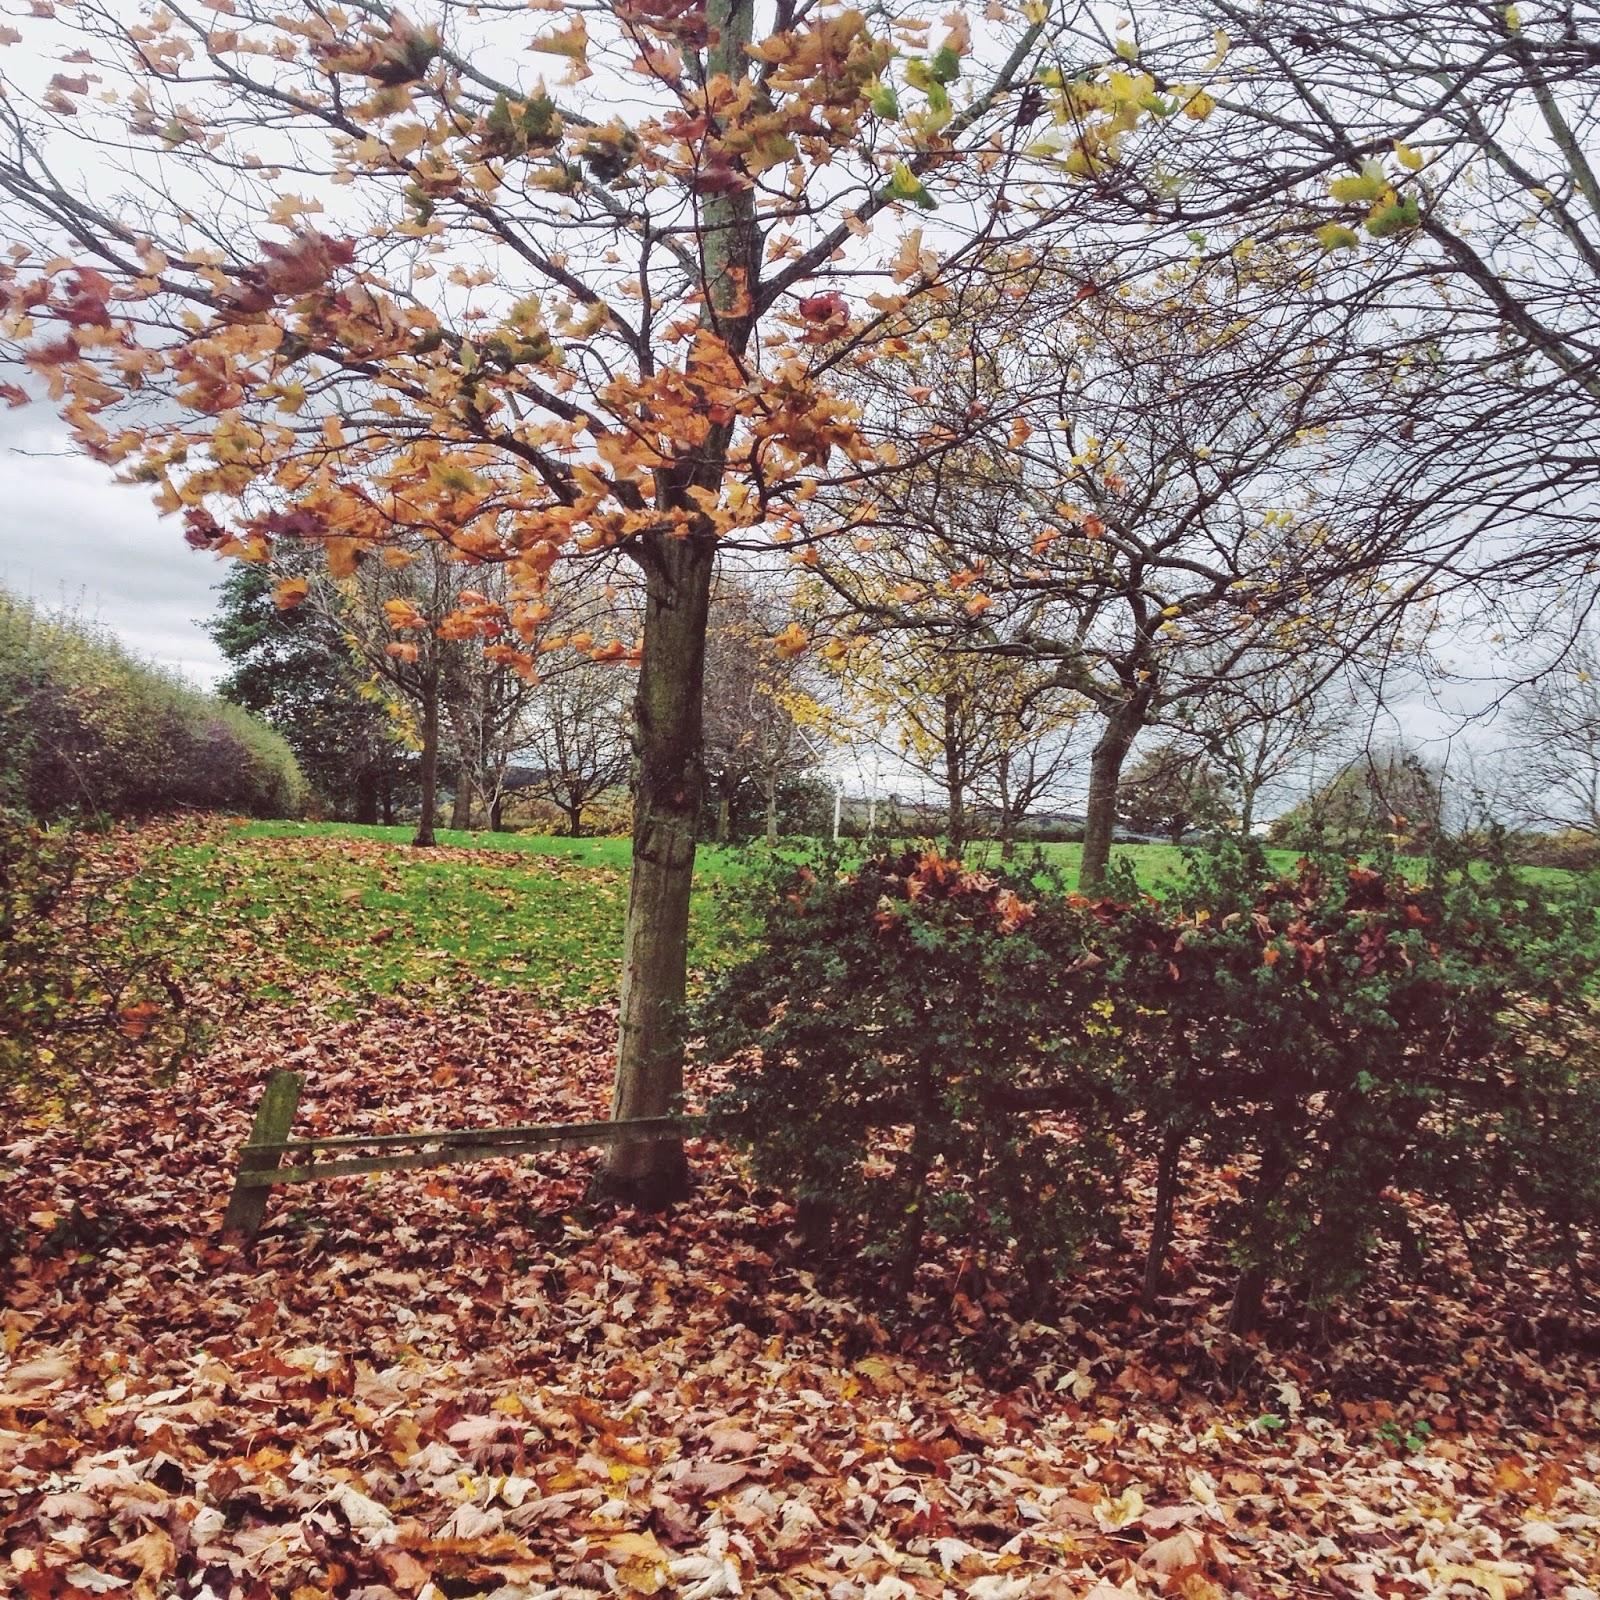 Nottingham Autumn Tree Leaves